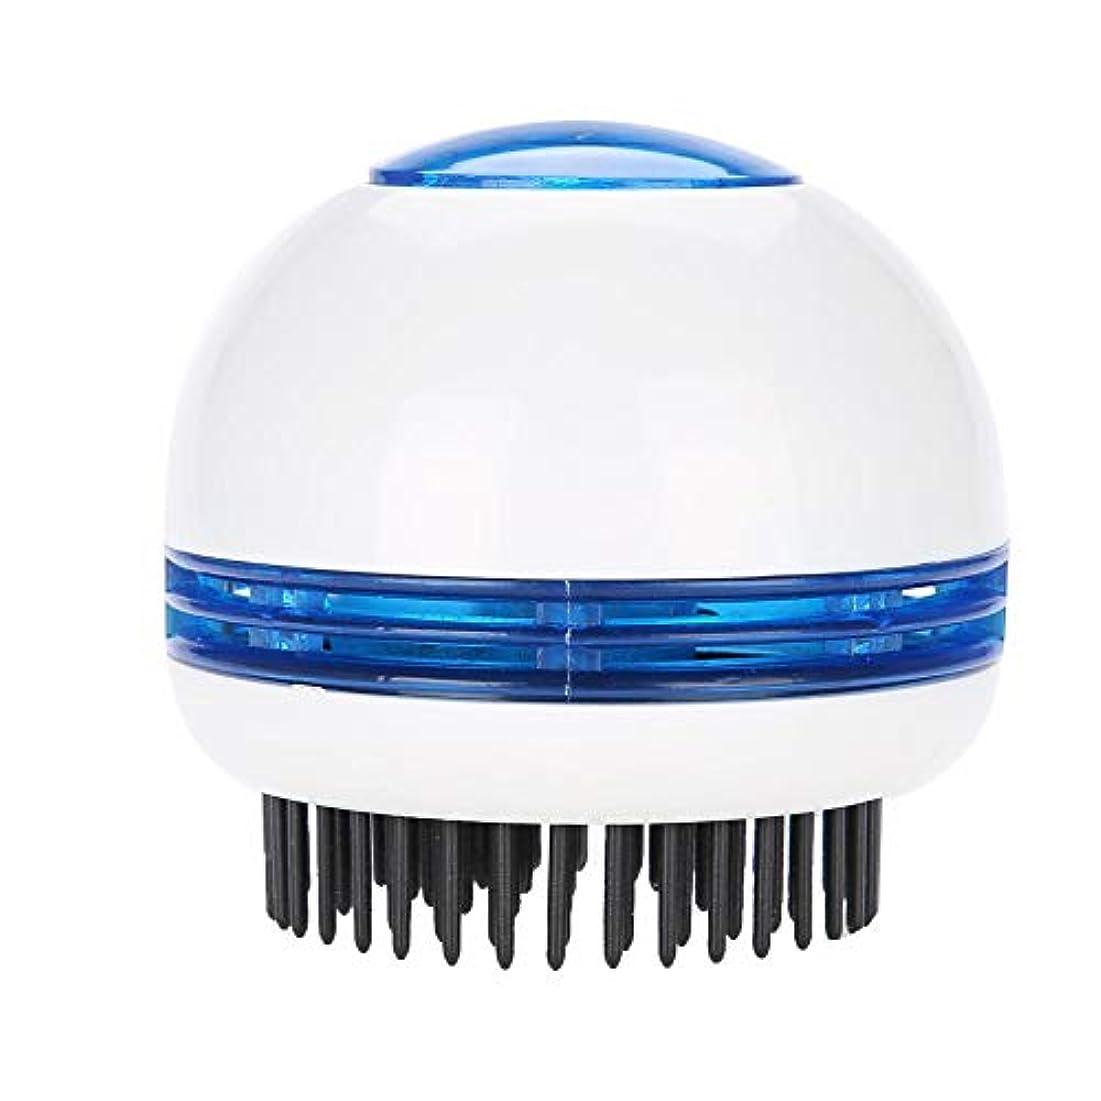 TOPINCN 電気 マッサージブラシ ヘッドマッサージャー 帯電防止 頭皮のリラクゼーション ストレス緩和 ヘアスクラバーブラシ